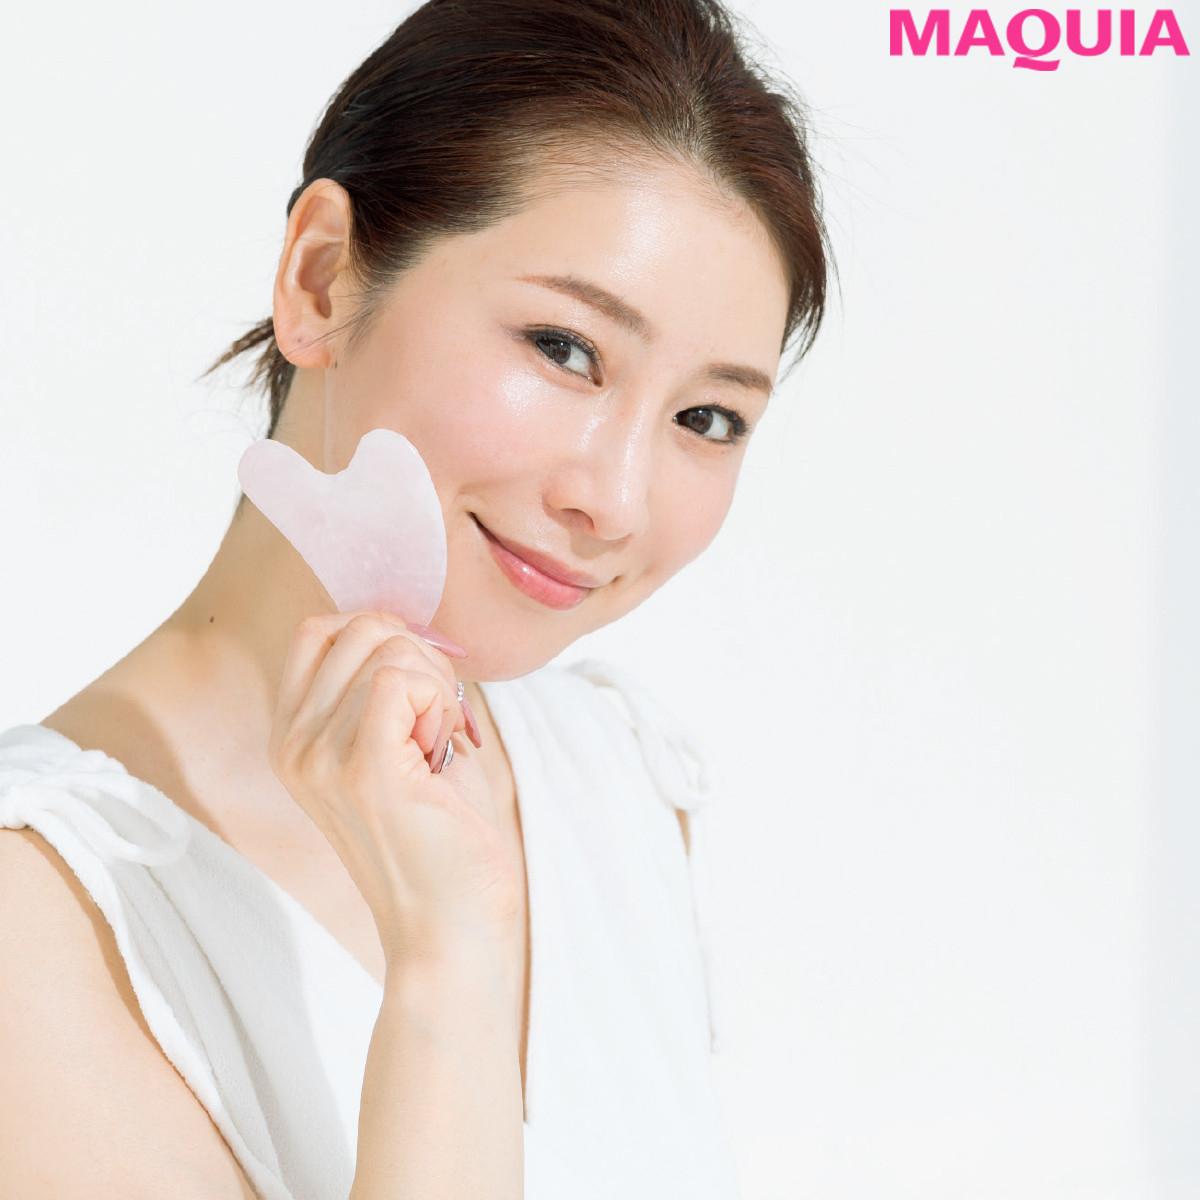 奇跡の美貌は「かっさ」のおかげ!? 水谷雅子さん50歳のお風呂美容を公開